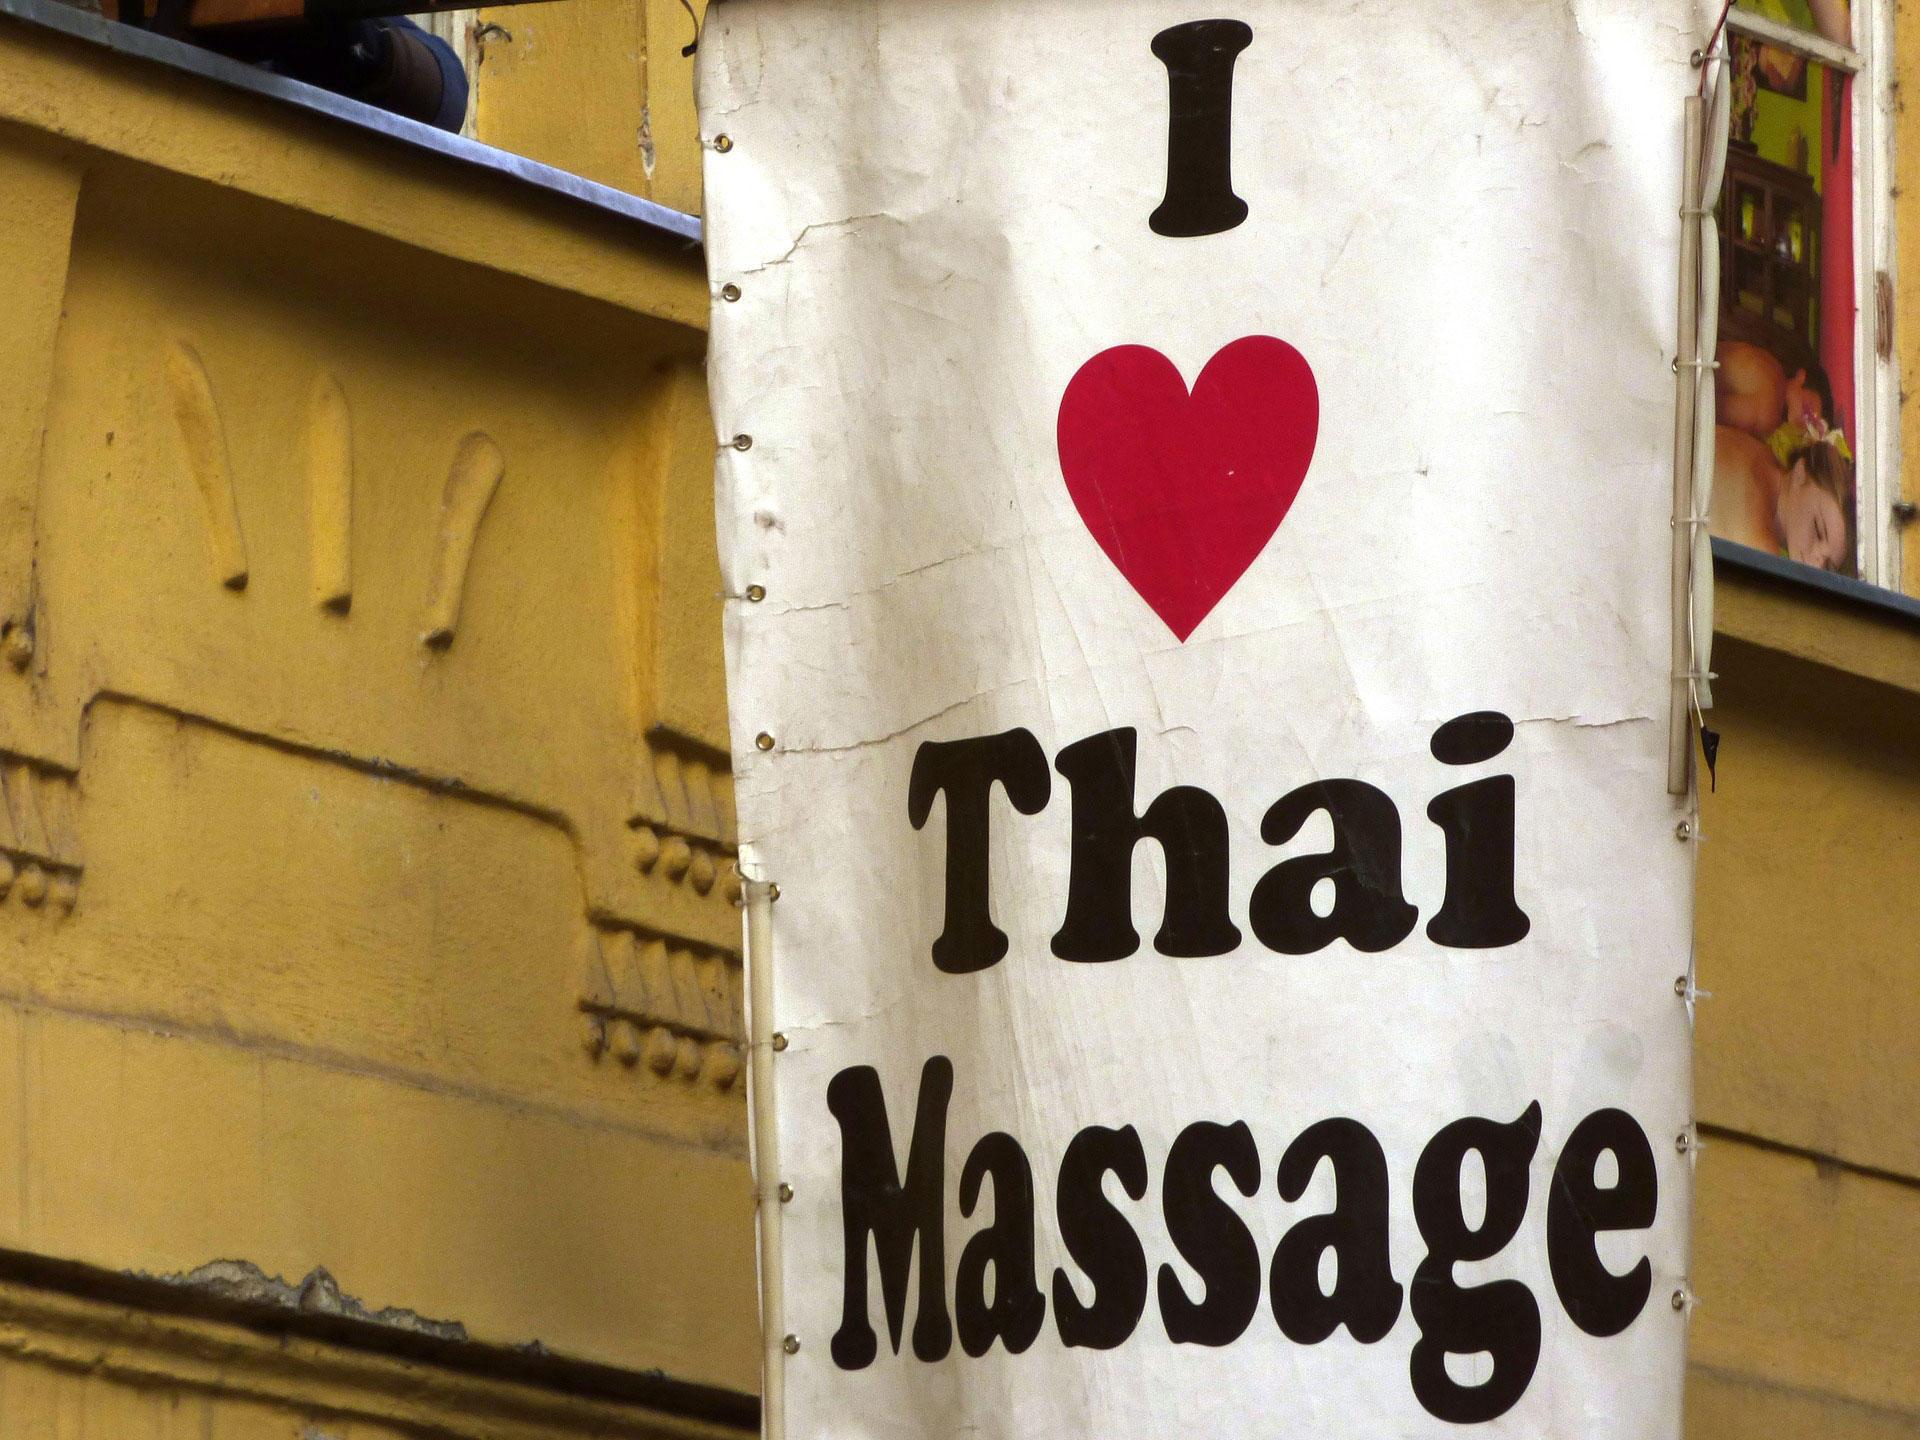 タイ古式マッサージの凄い効果と魅力|町田deマッサージ!